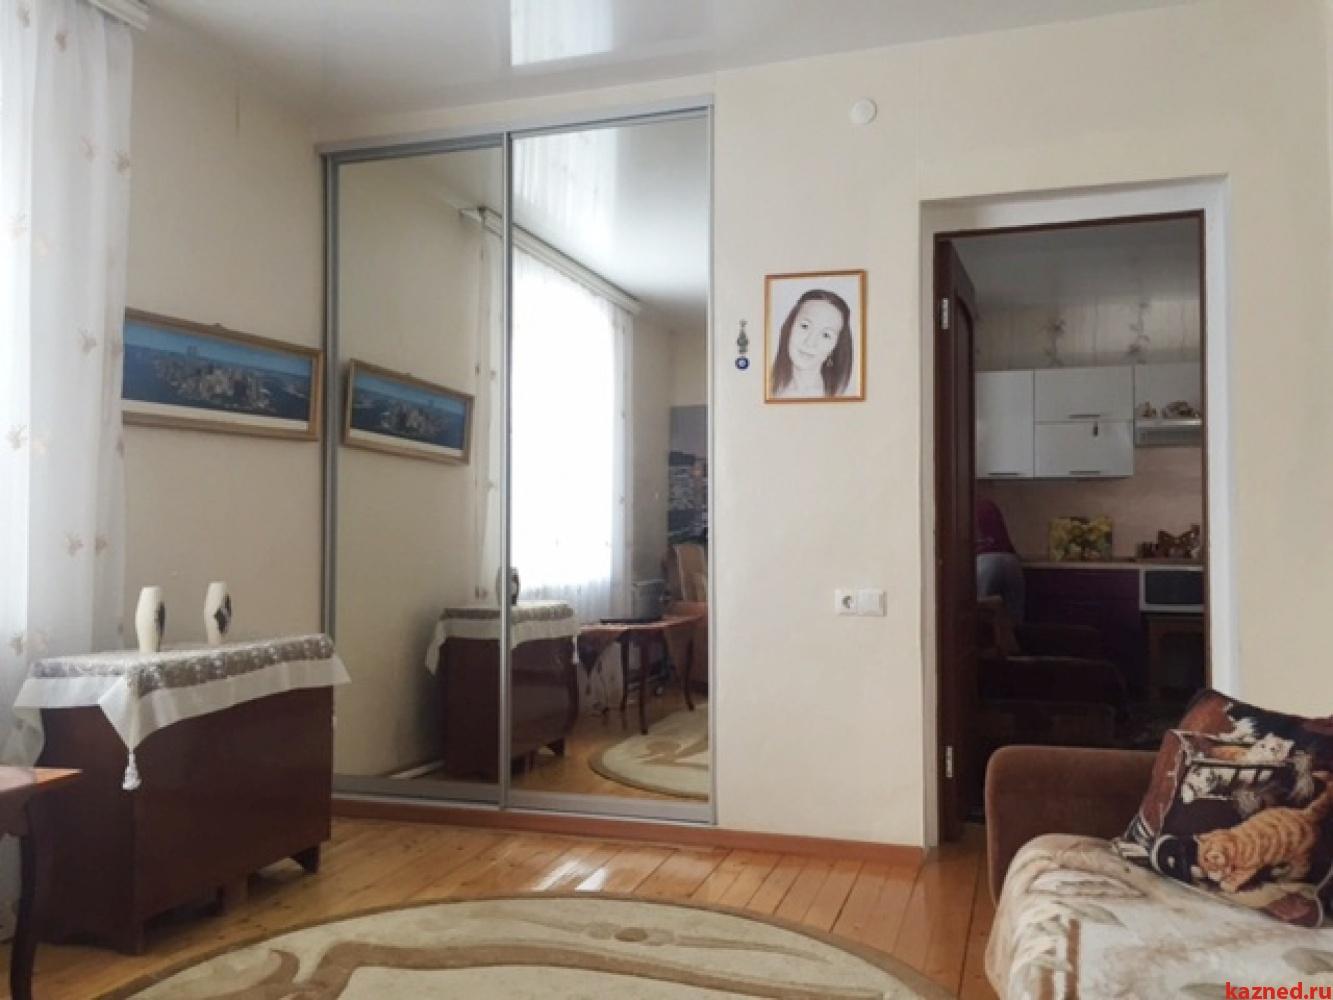 Продажа  Дома пос.Залесный, ул. Варшавская, 115 м2  (миниатюра №2)